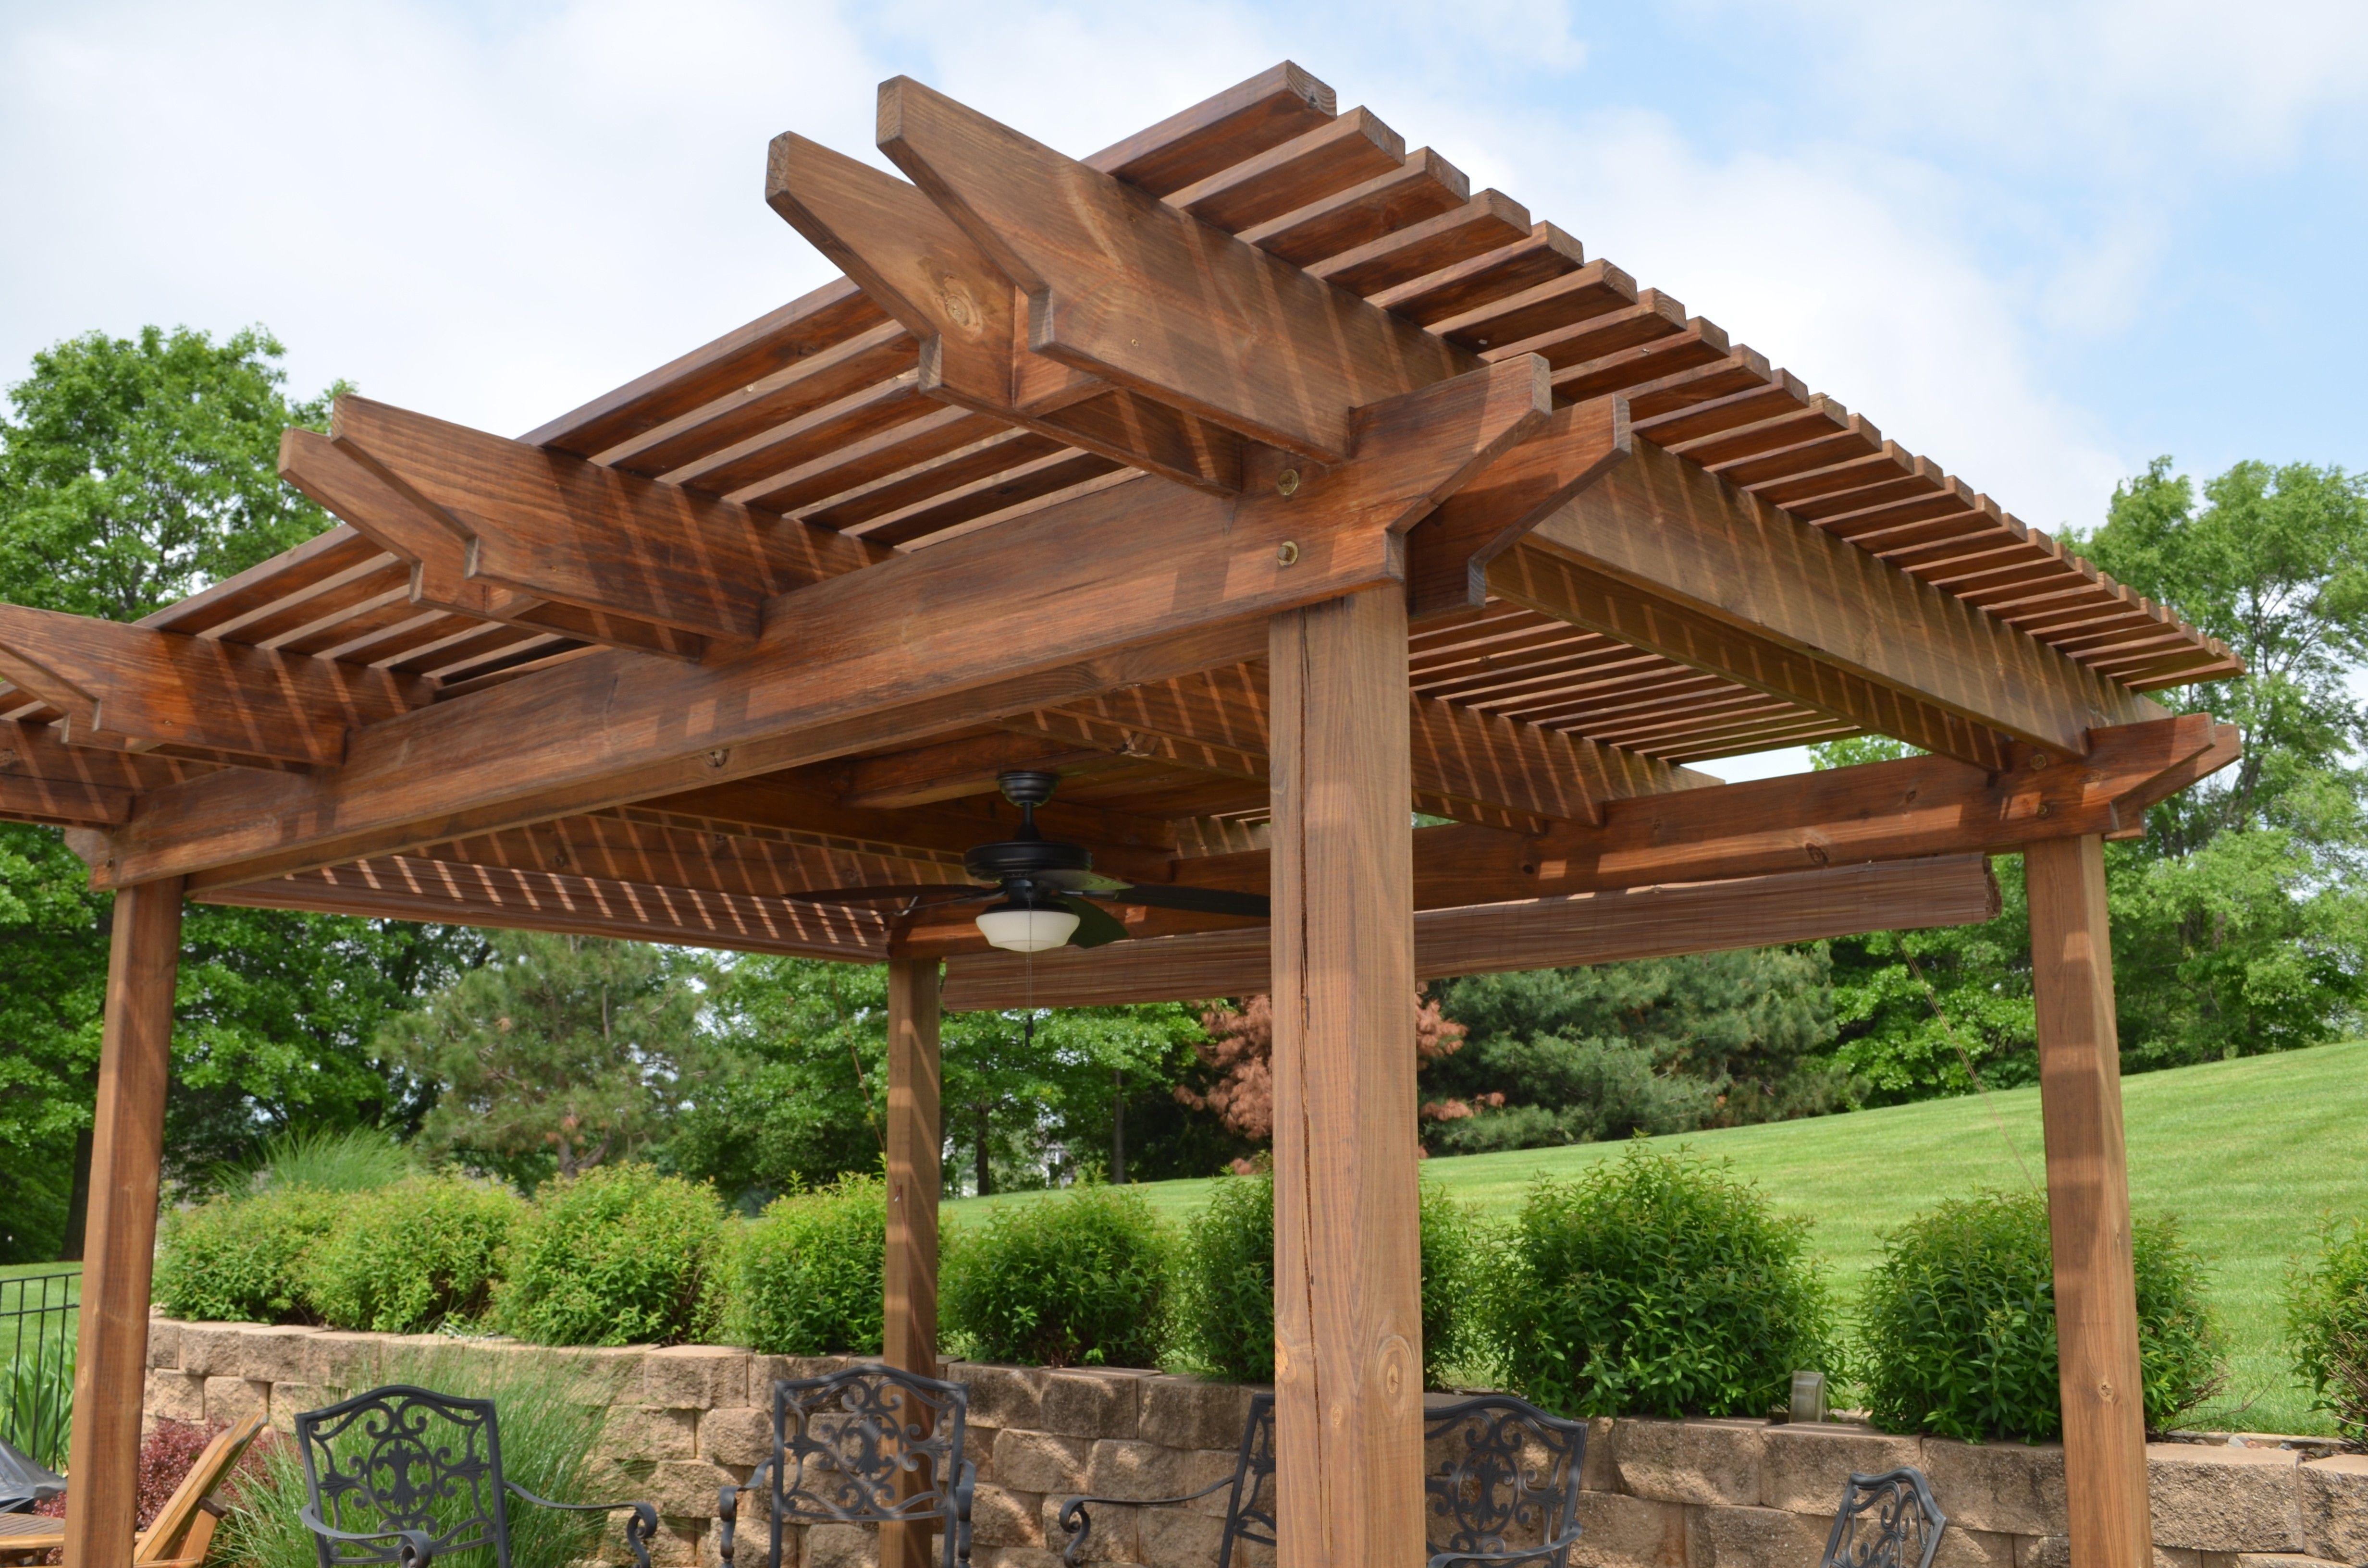 Fabriquer Une Tonnelle En Bois pergola posts rustic untreated teak pergolas pegola with